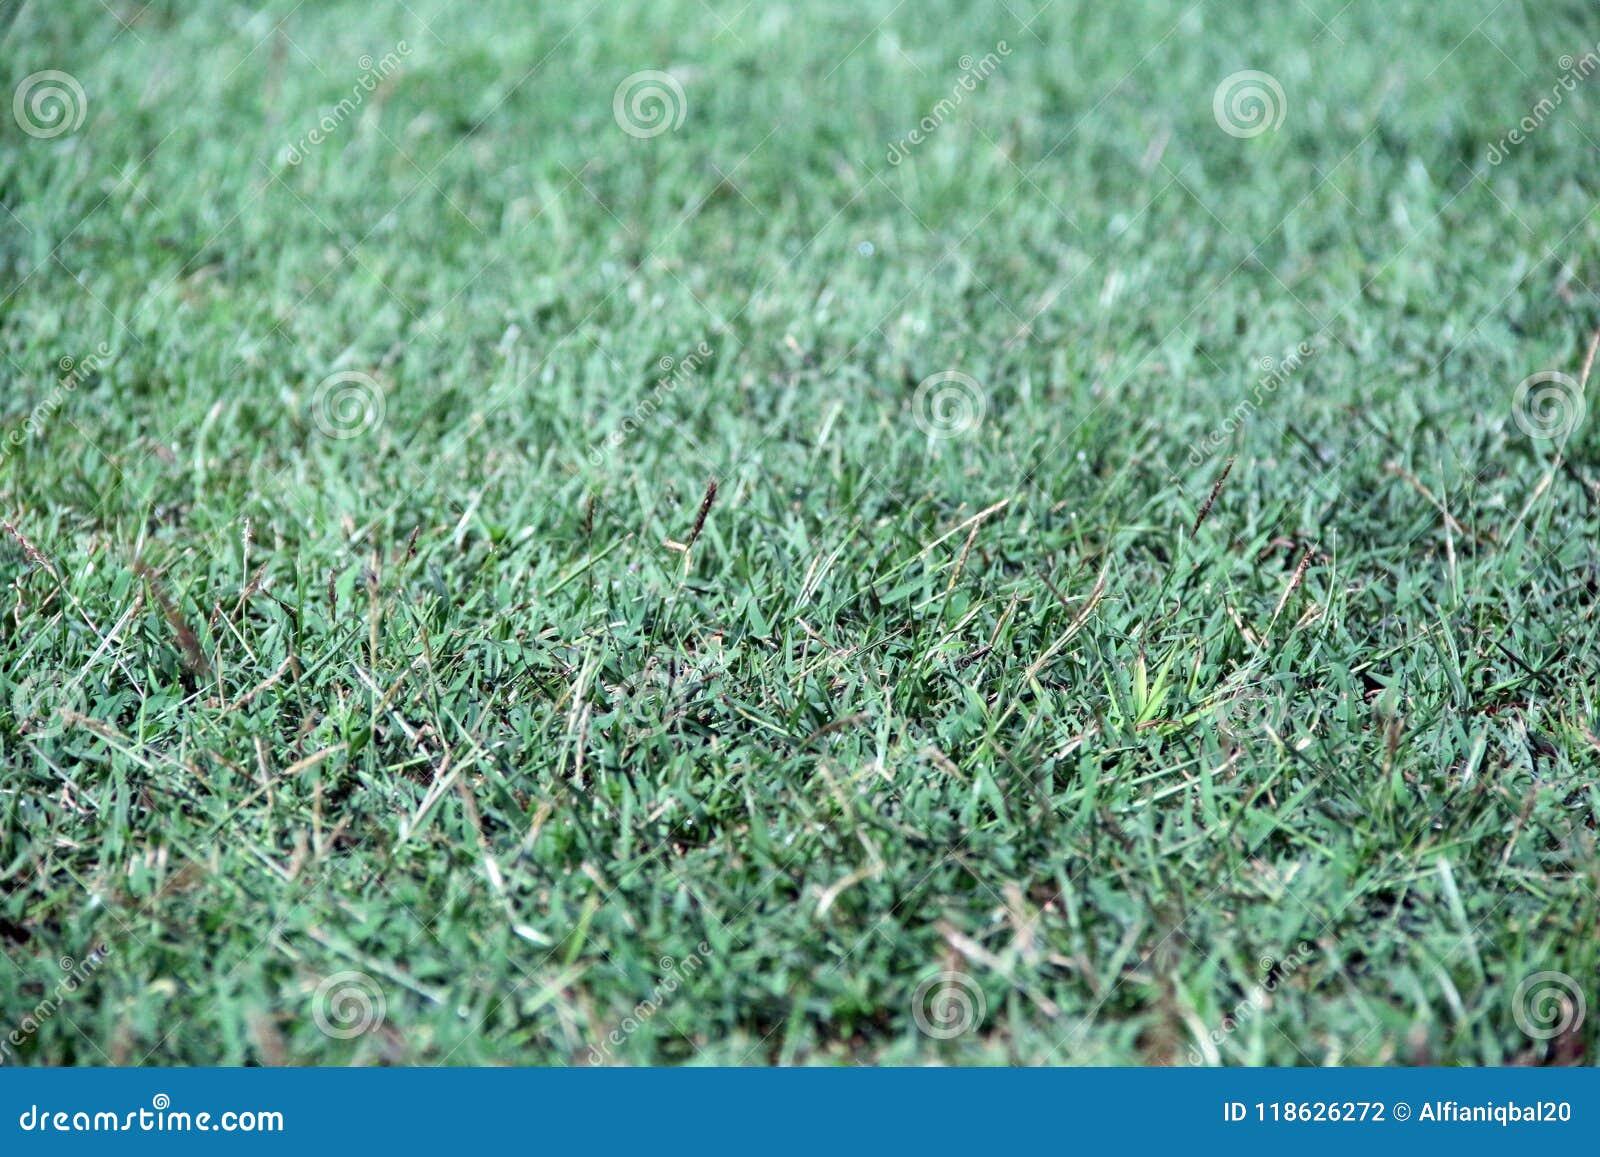 Beschaffenheit des grünen Grases Grünes künstliches Gras aus den Grund Grüne Wiesenrasenfläche für Fußball